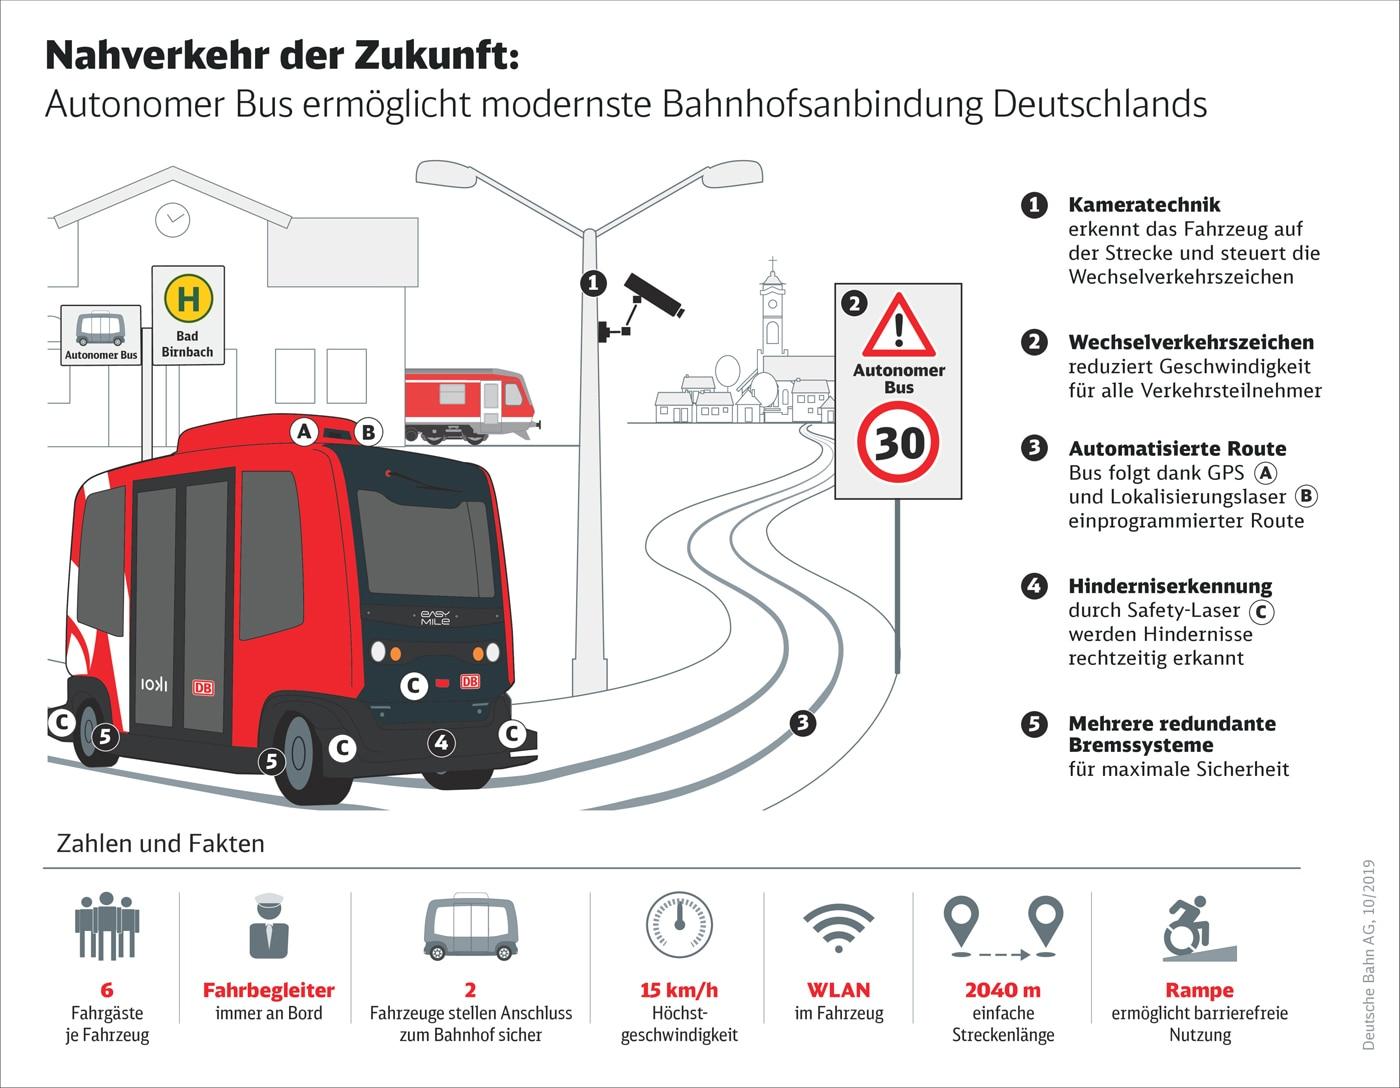 Nahverkehr der Zukunft: Autonomer Bus ermöglicht modernste Bahnhofsanbindung Deutschlands